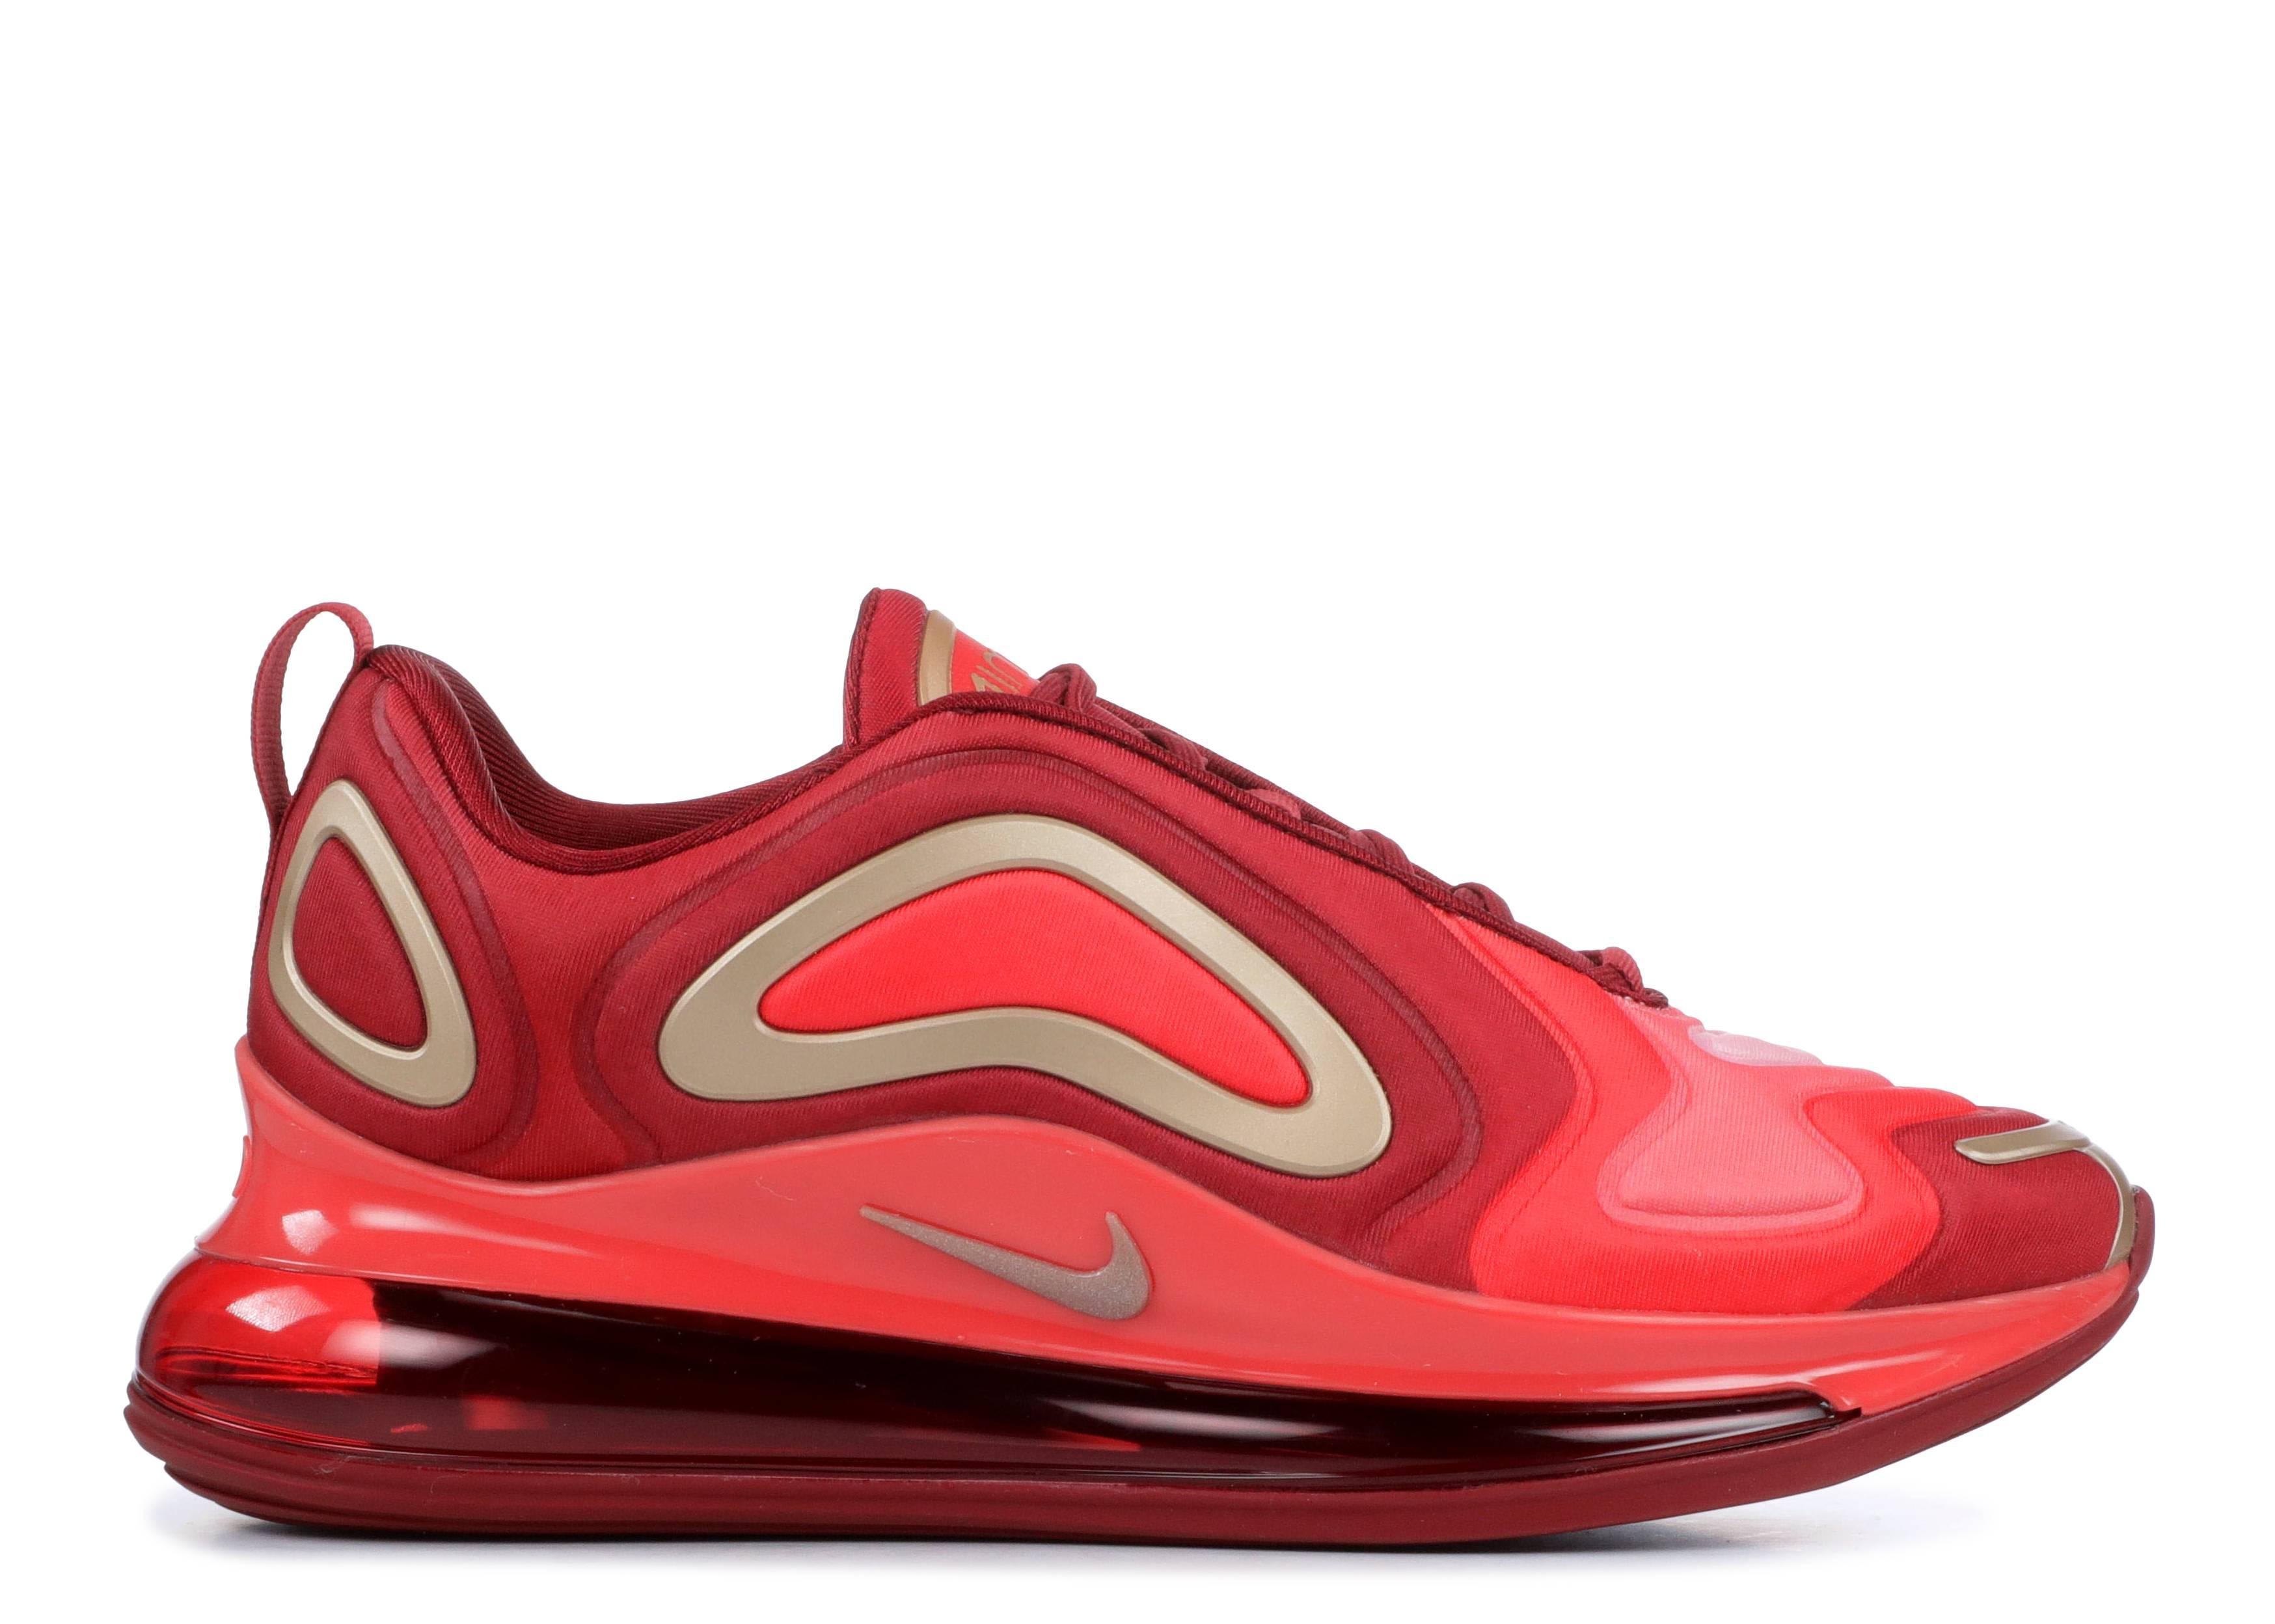 d10eb5ad5 Nike Air Max 720 GS